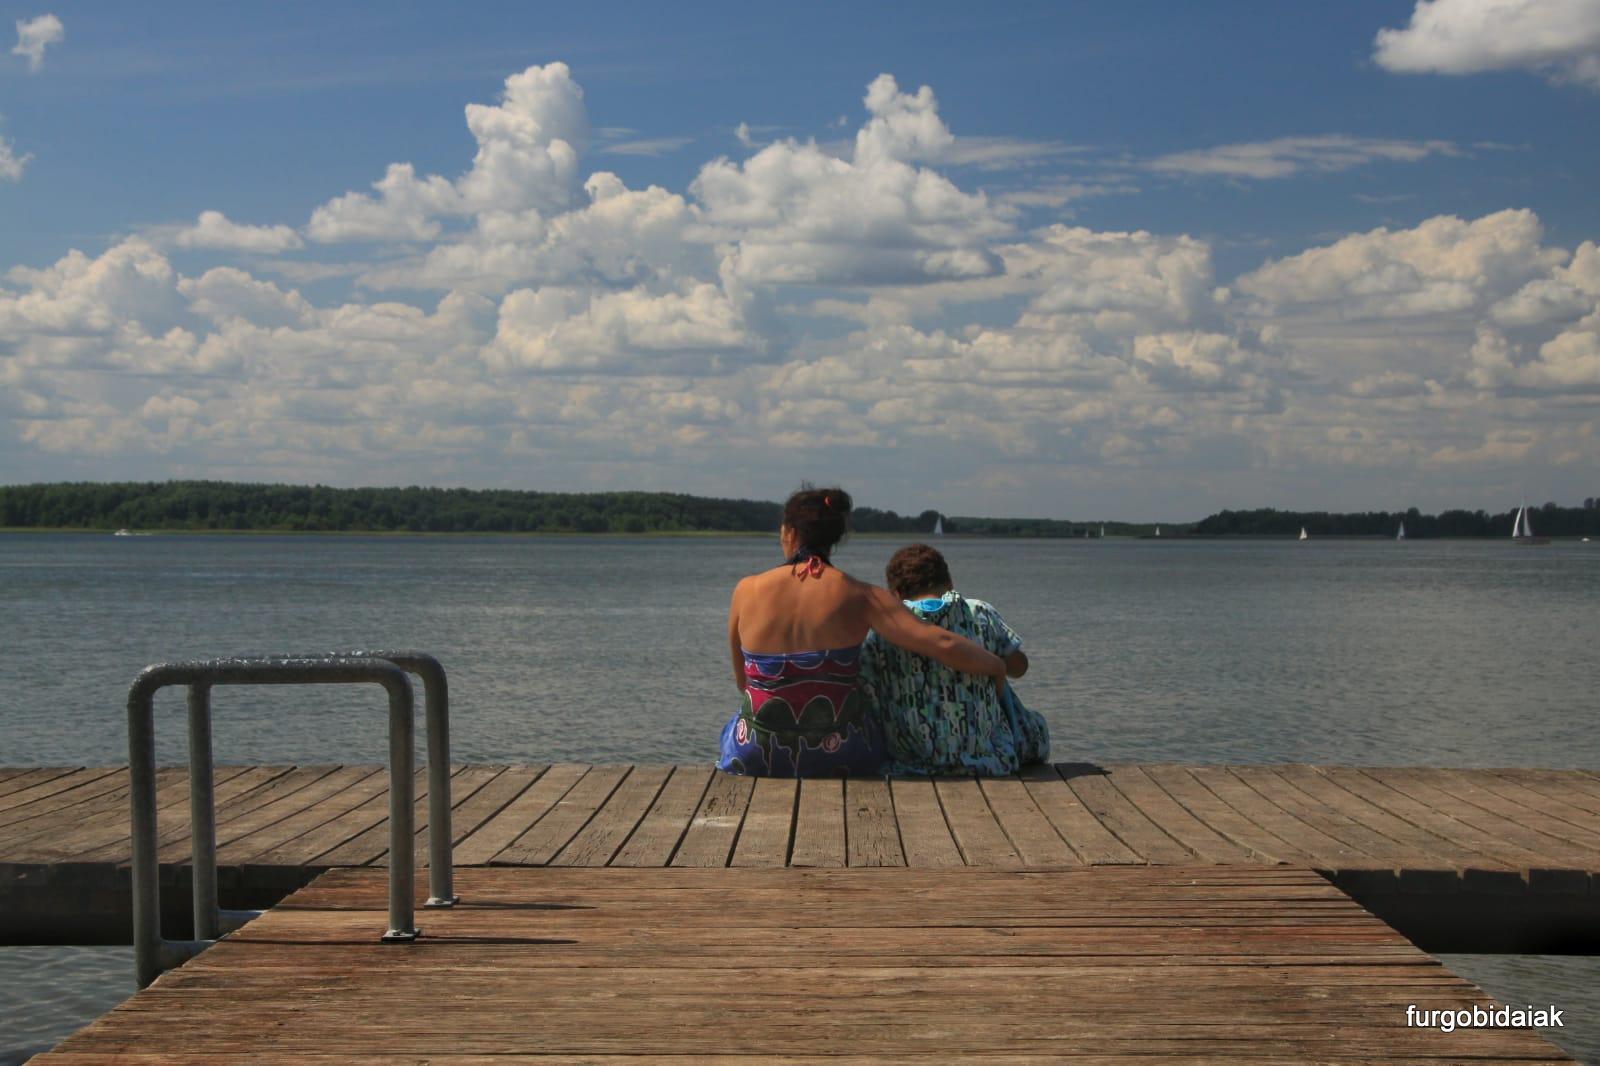 lago Swiecajty, Mazuria, Polonia